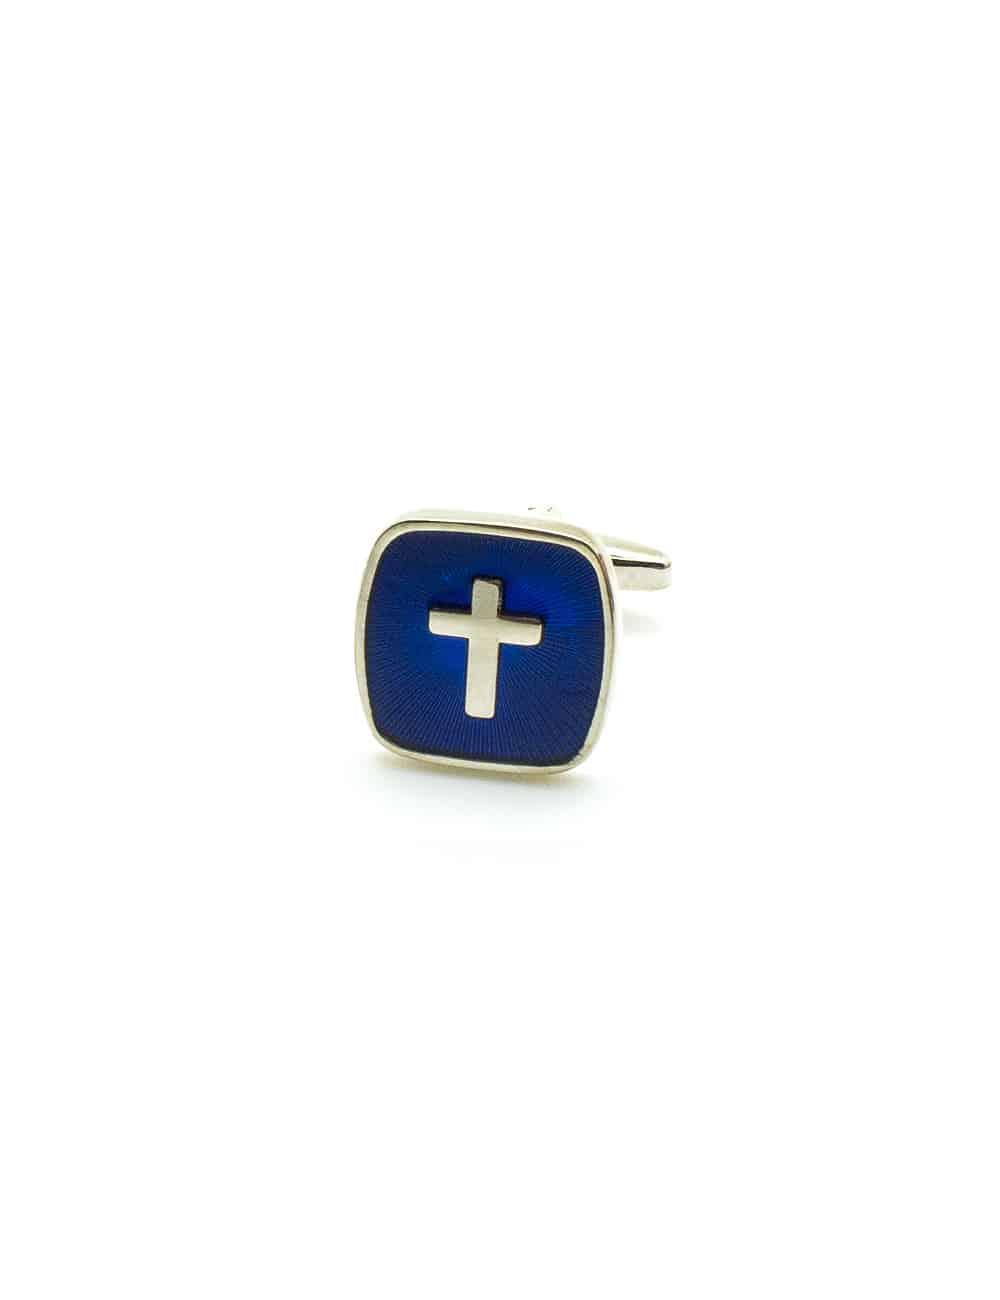 Silver Cross in Blue Enamel Square Cufflink C231NF-044B